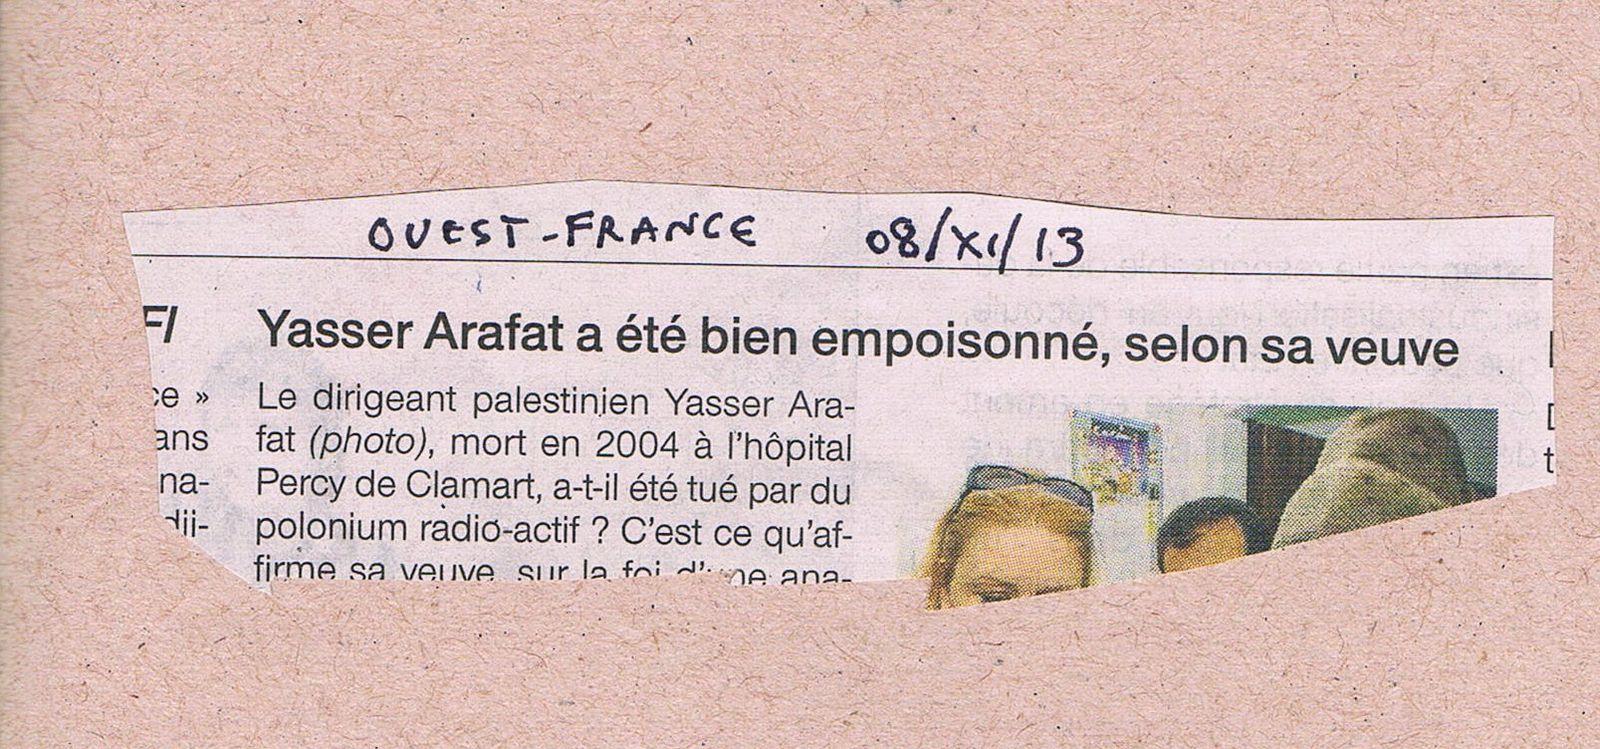 ouest-france, le publicateur, o-f, le mans.